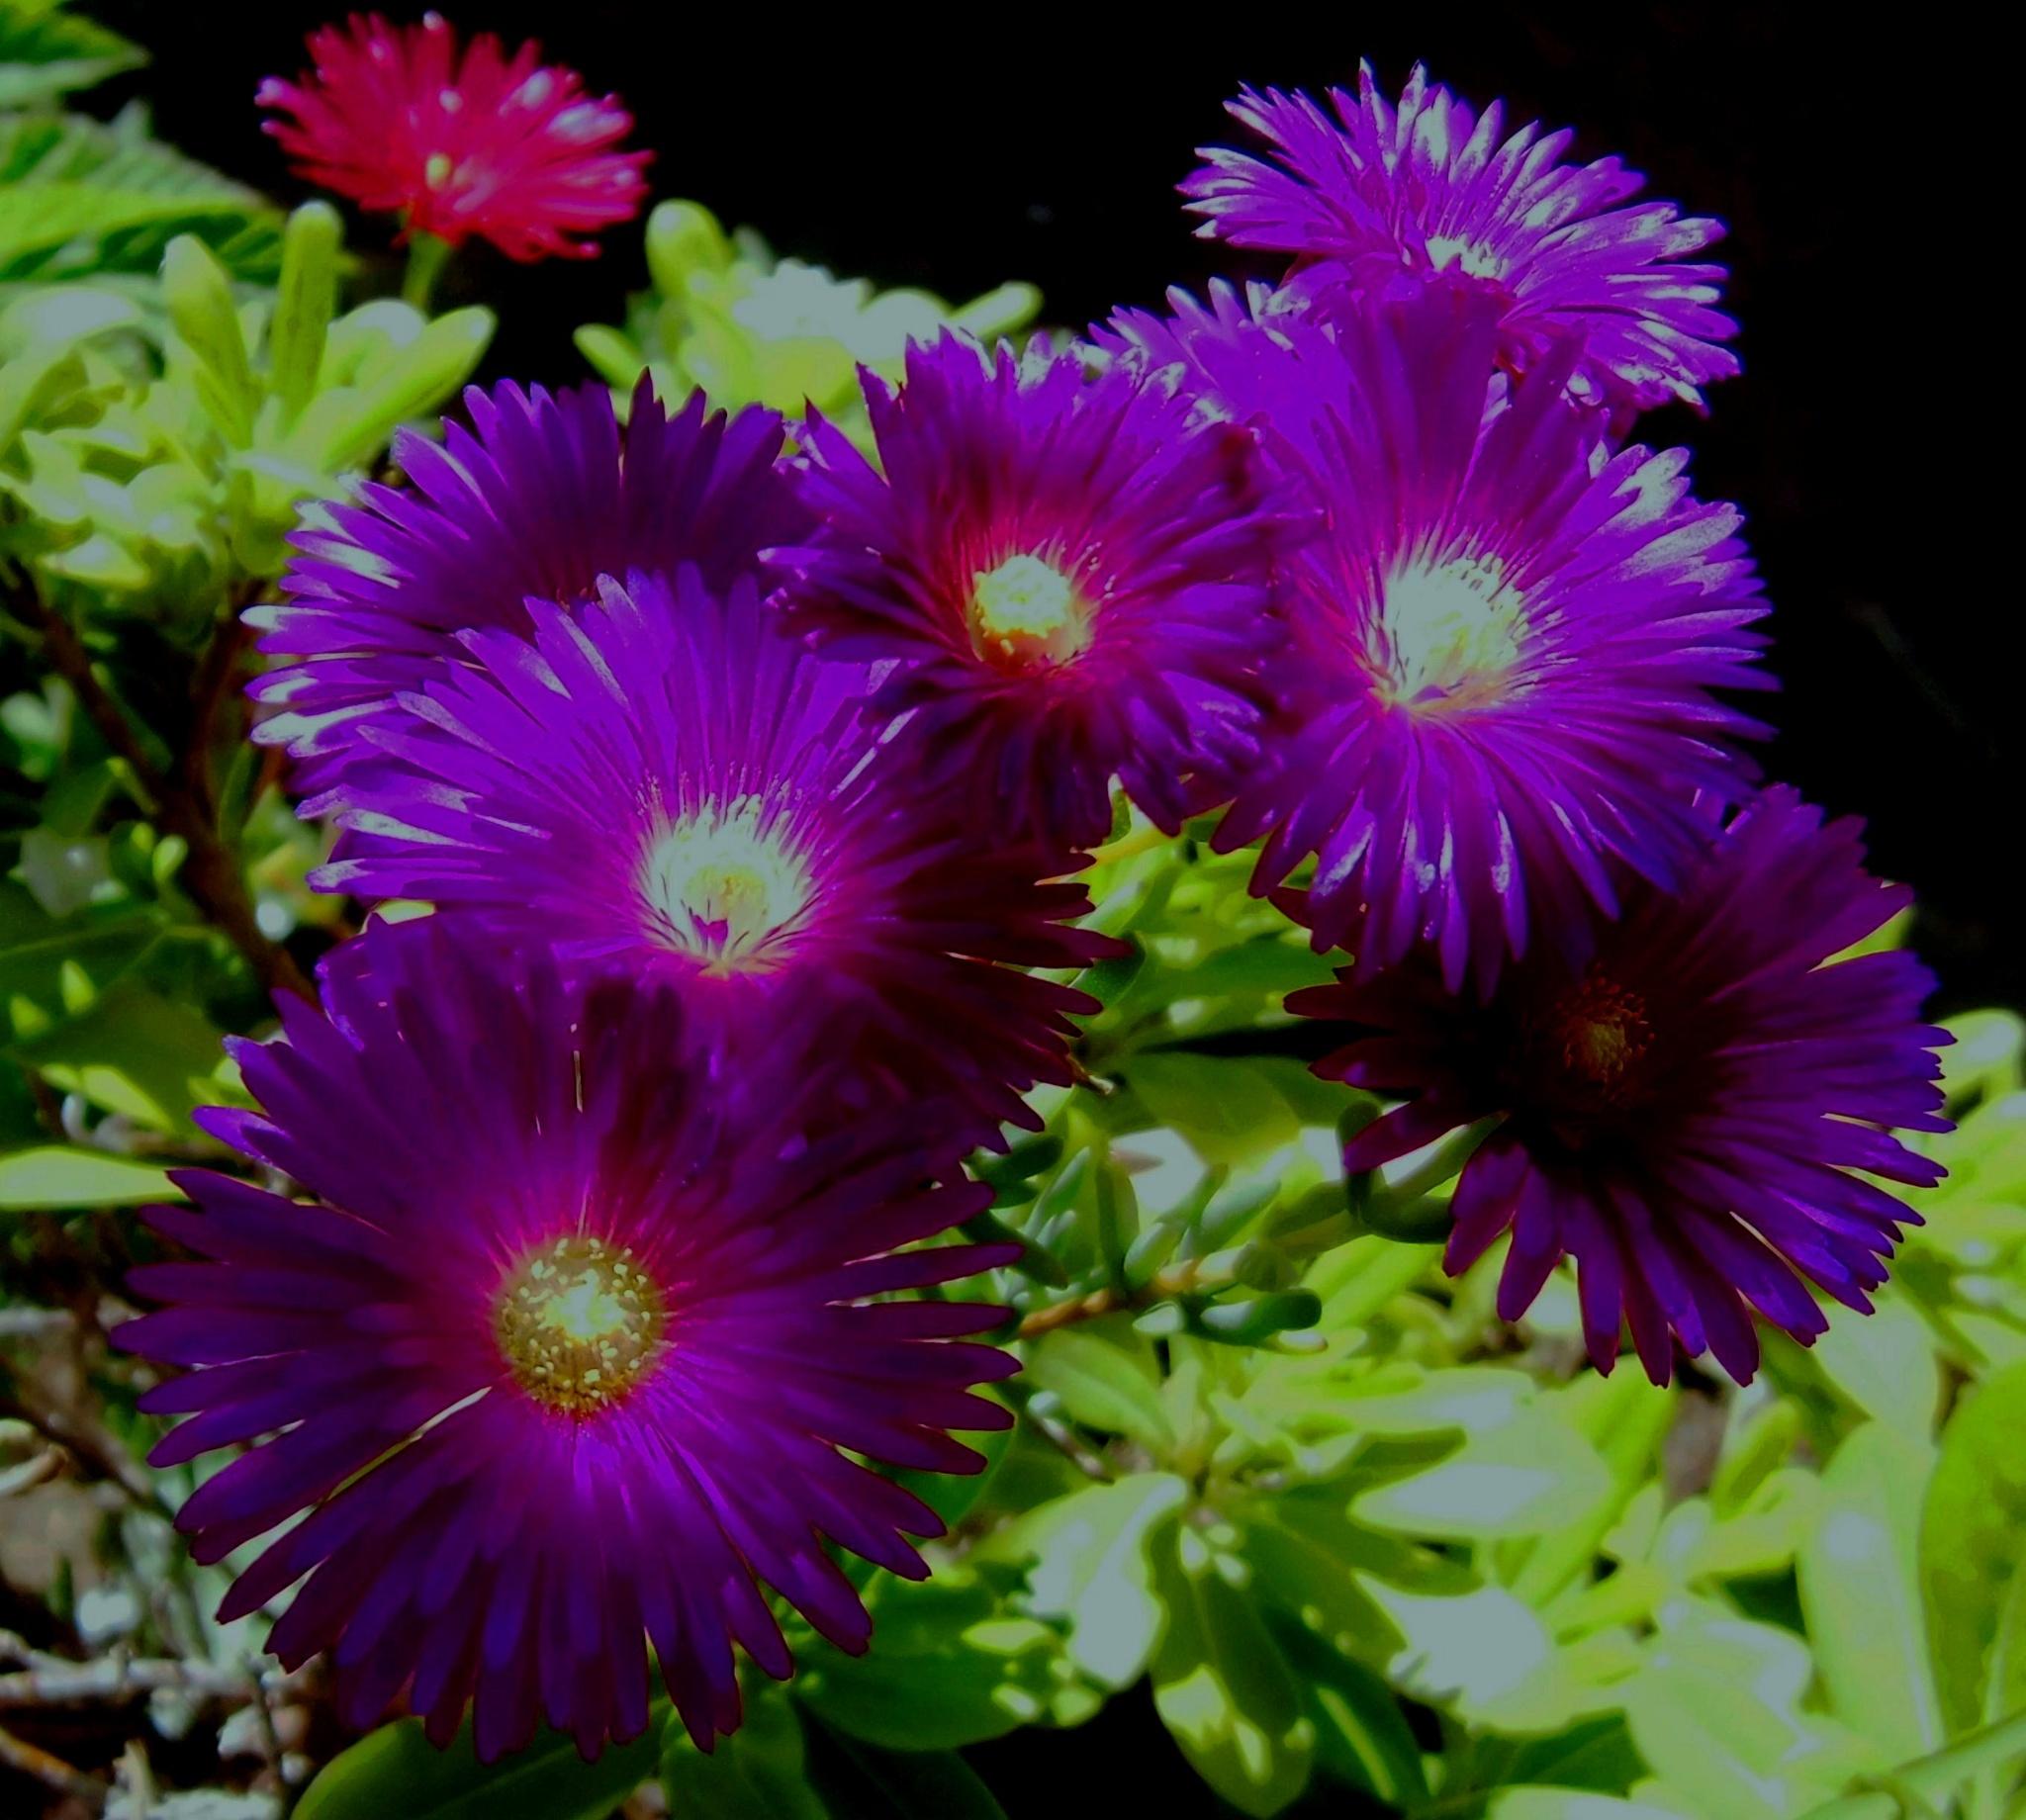 Flower by ihsangulf9